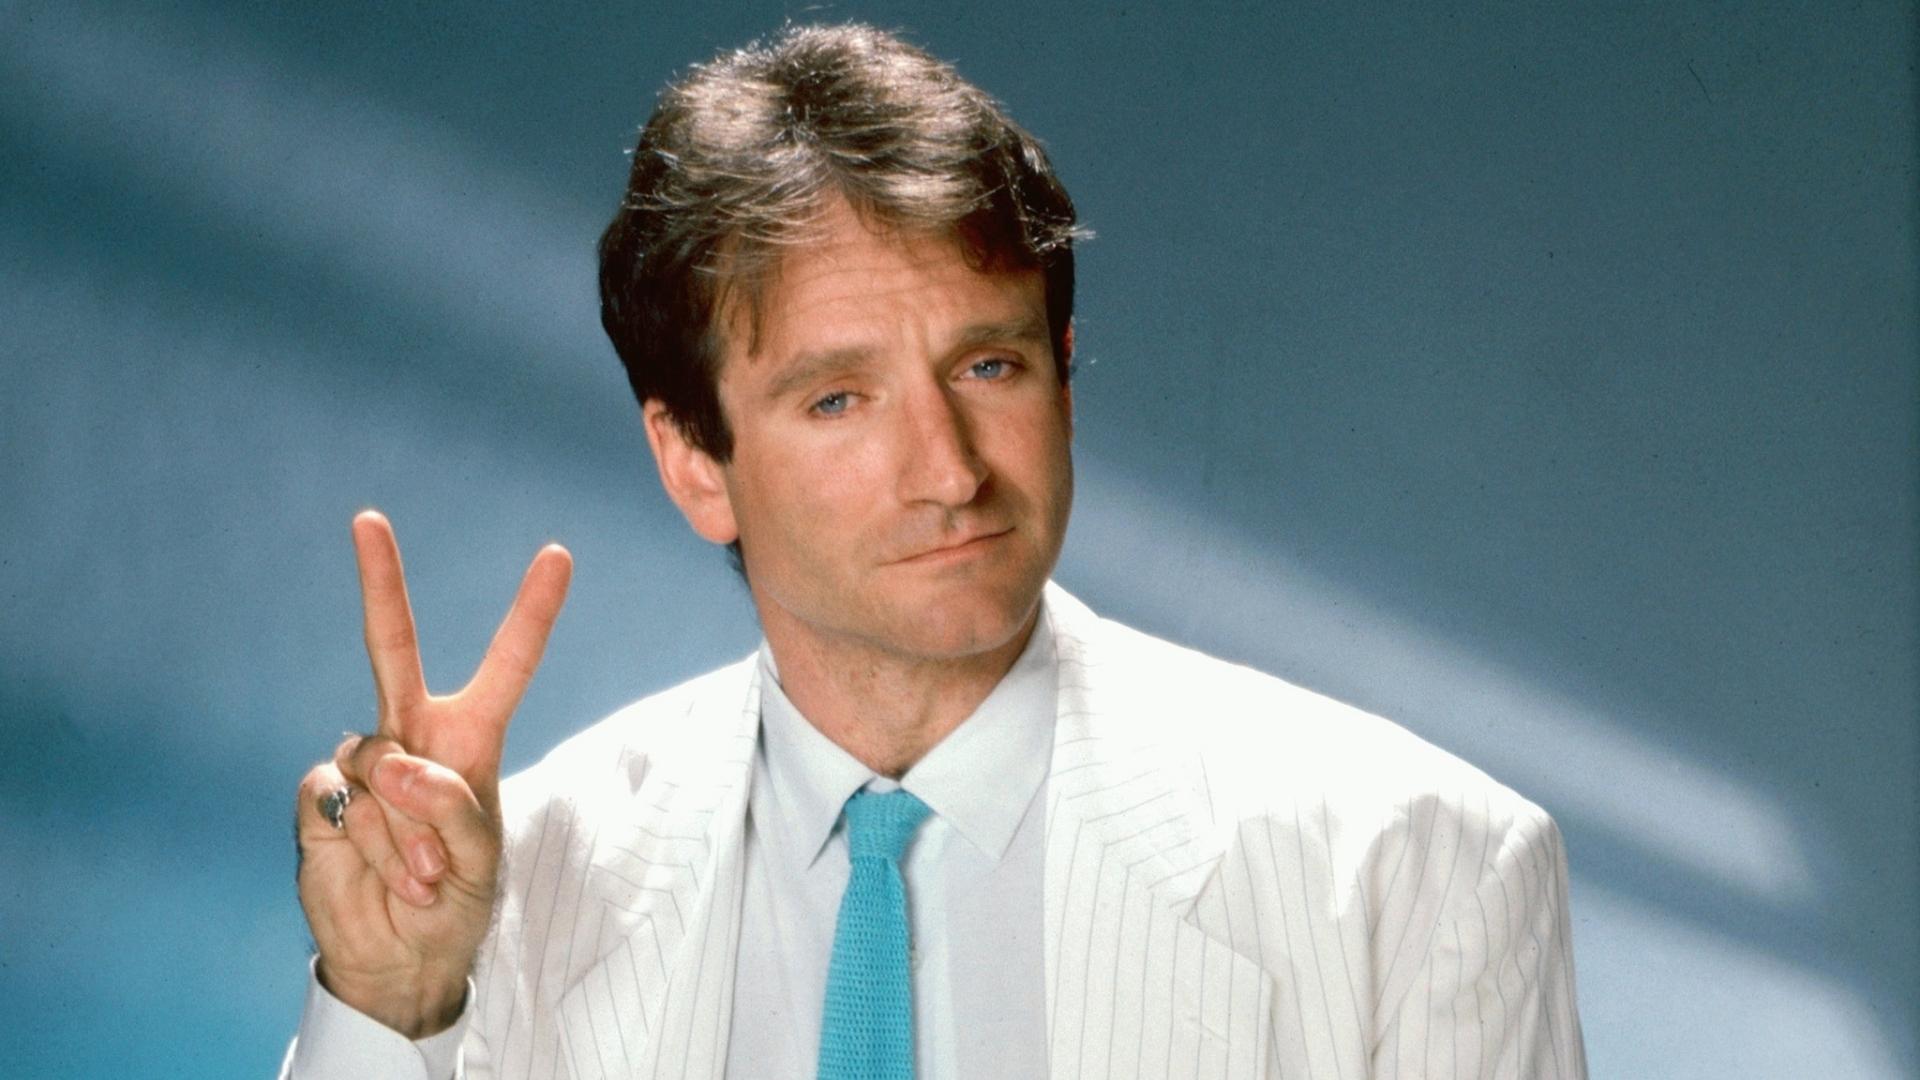 Robin Williams Full Hd